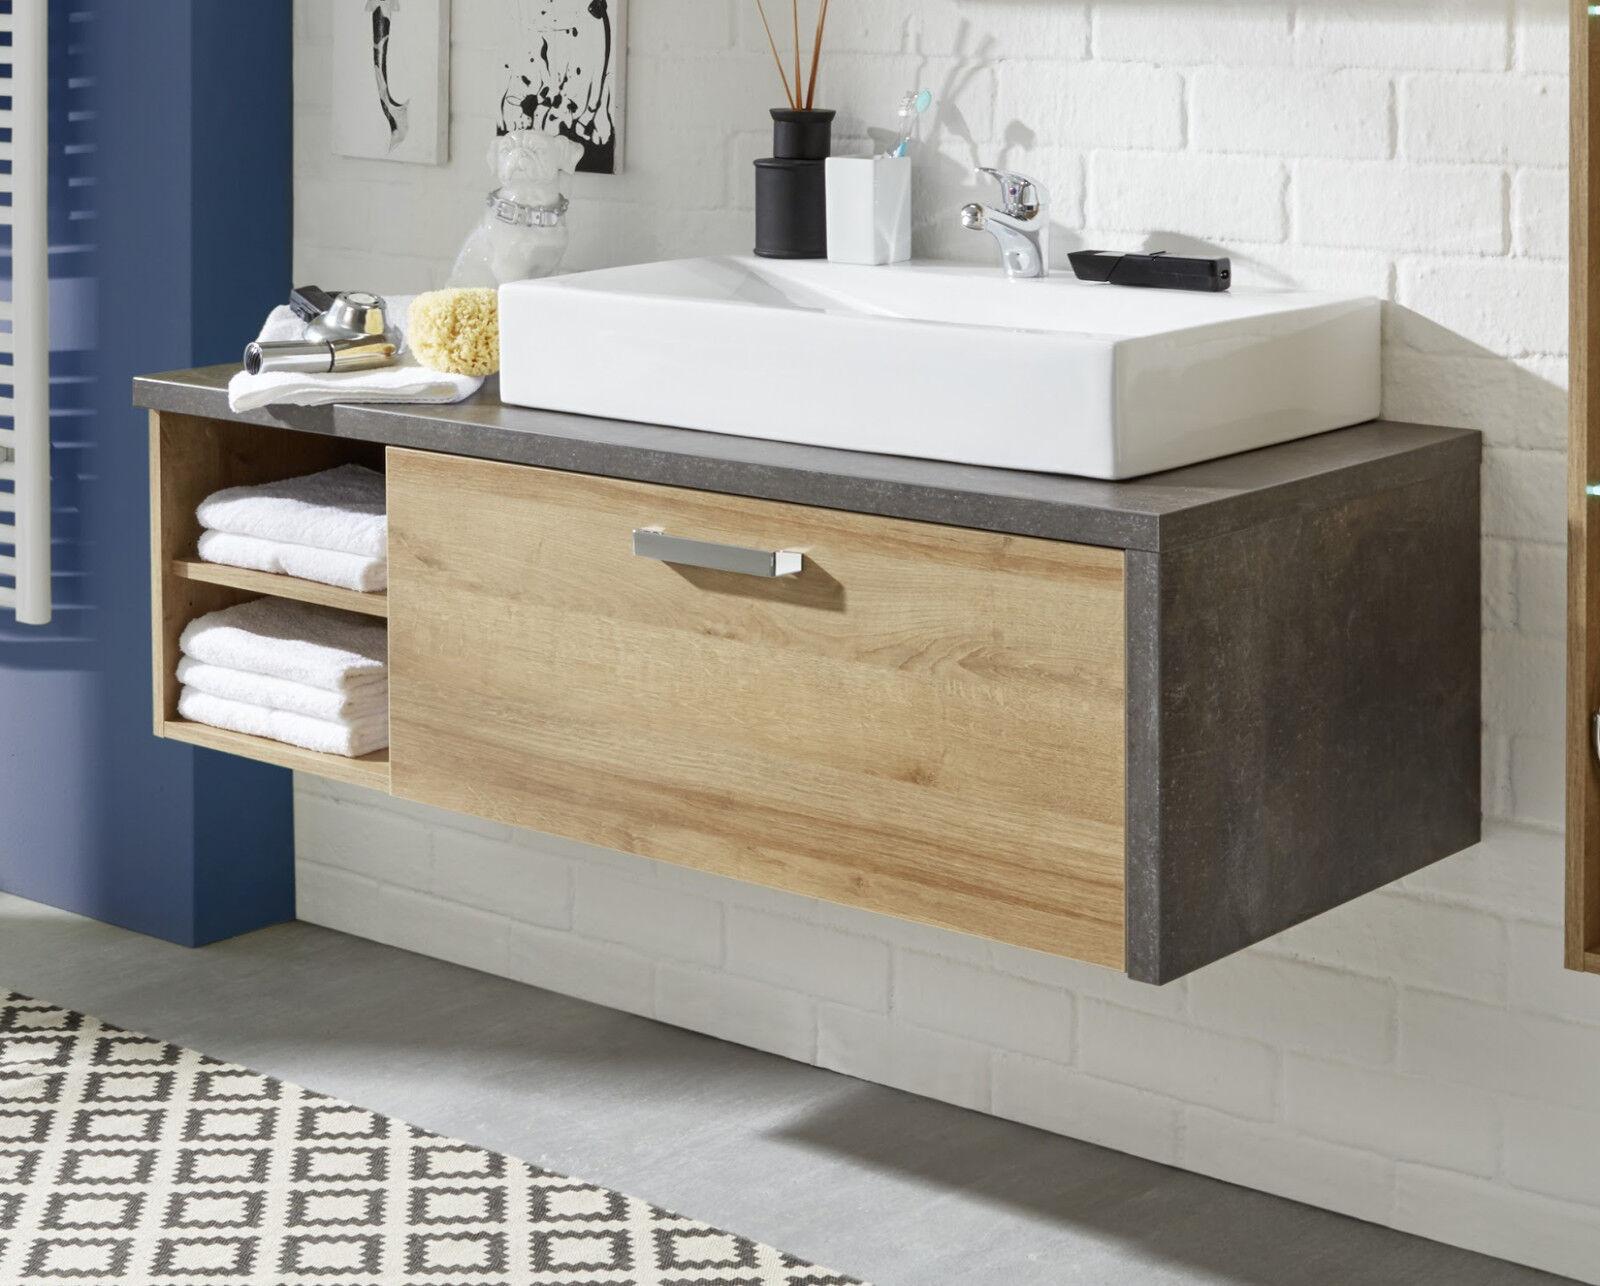 Waschbeckenunterschrank Waschtisch Eiche Honig grau Stone Waschbecken opt. Bay